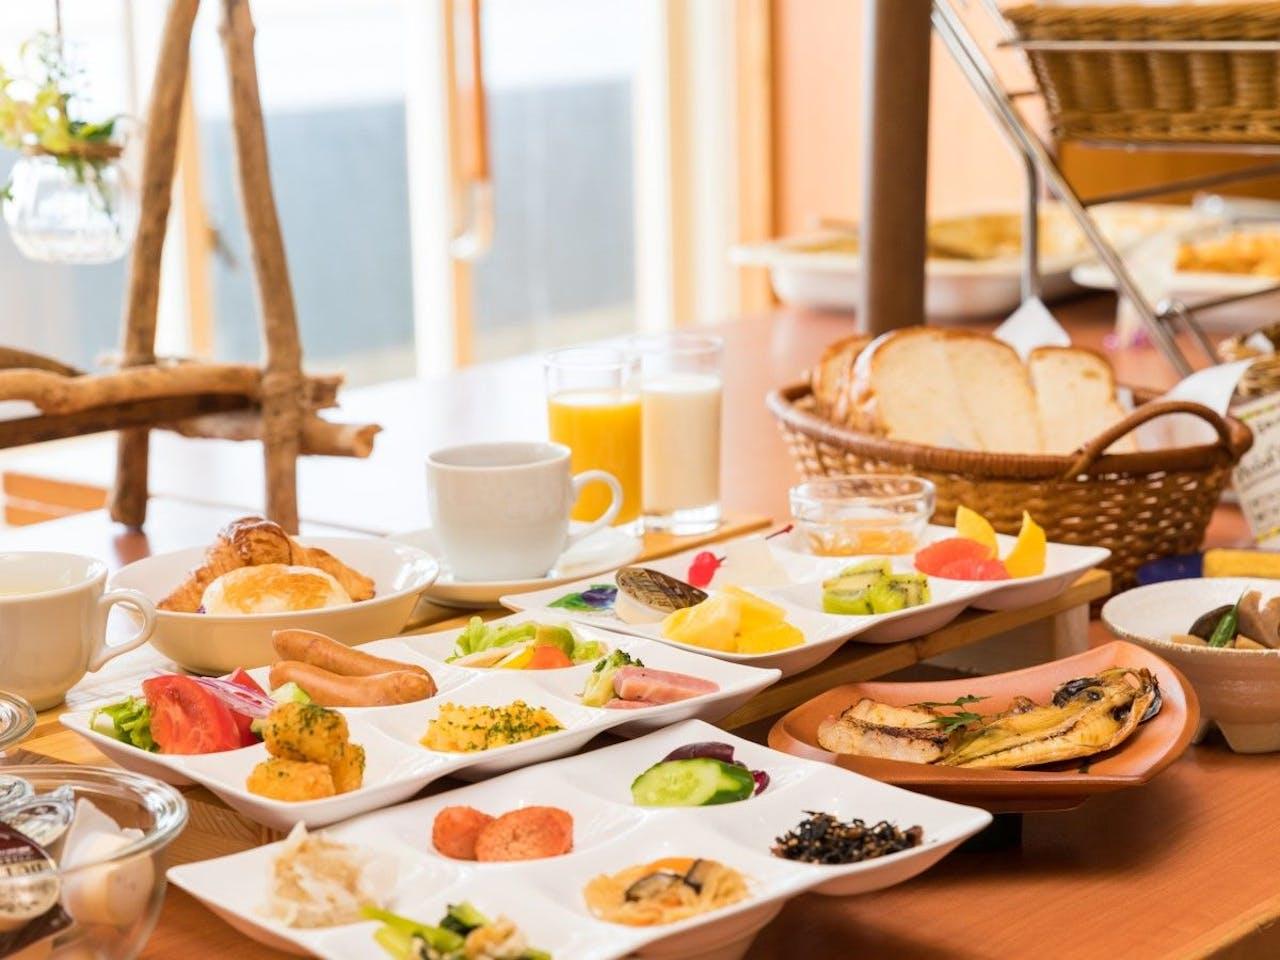 ビュッフェスタイルの朝食をお楽しみ下さい